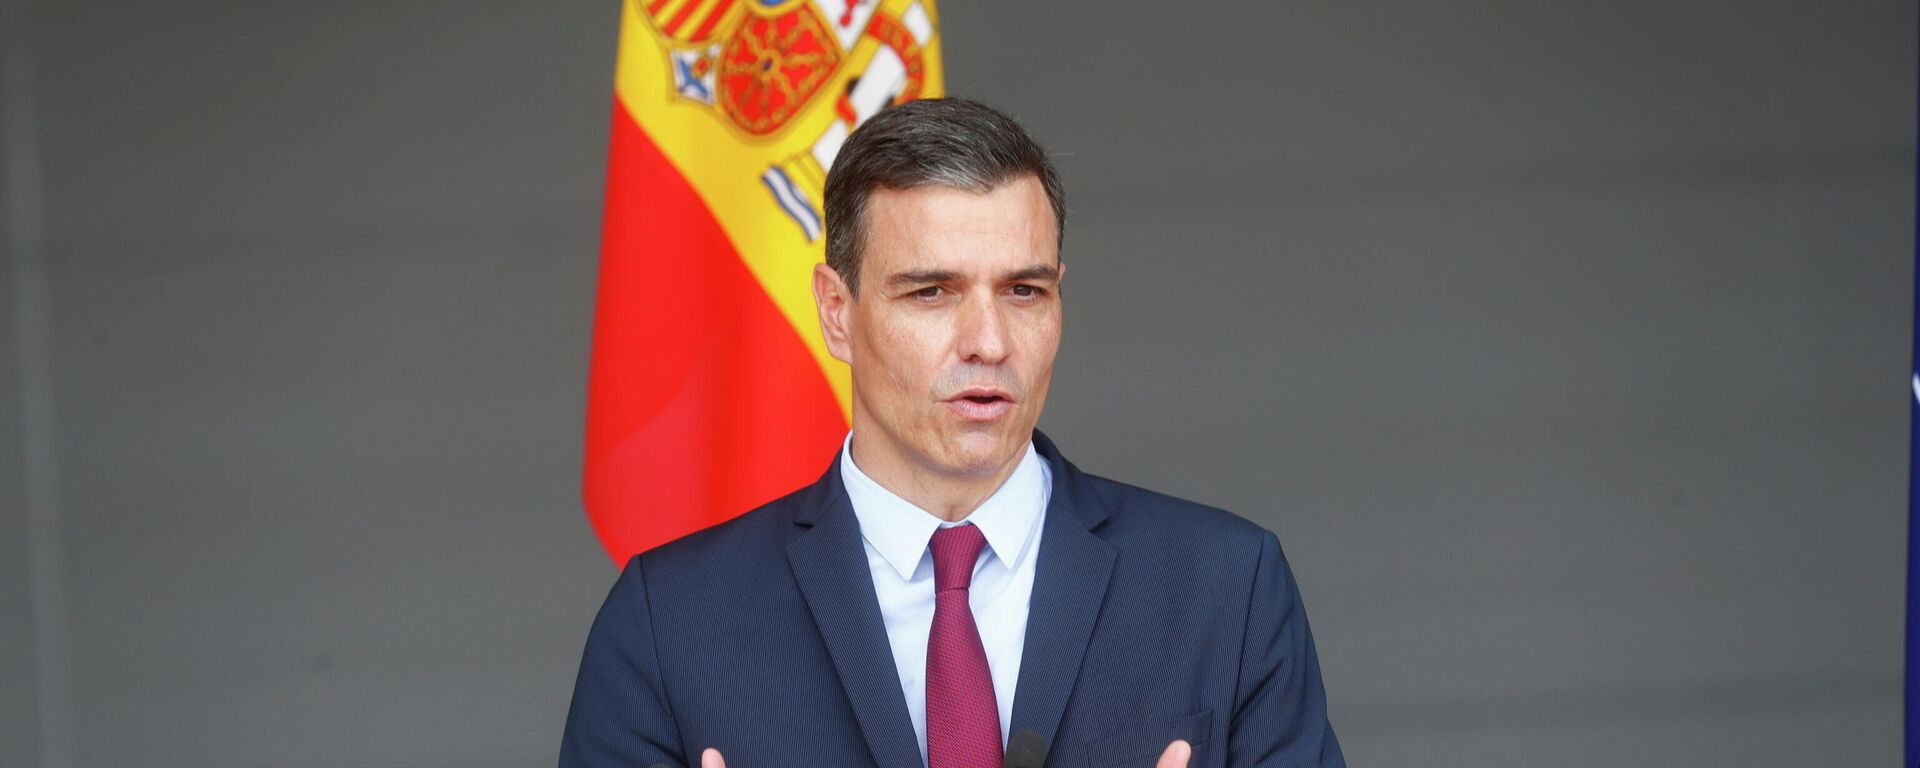 Pedro Sánchez, presidente del Gobierno español - Sputnik Mundo, 1920, 22.07.2021